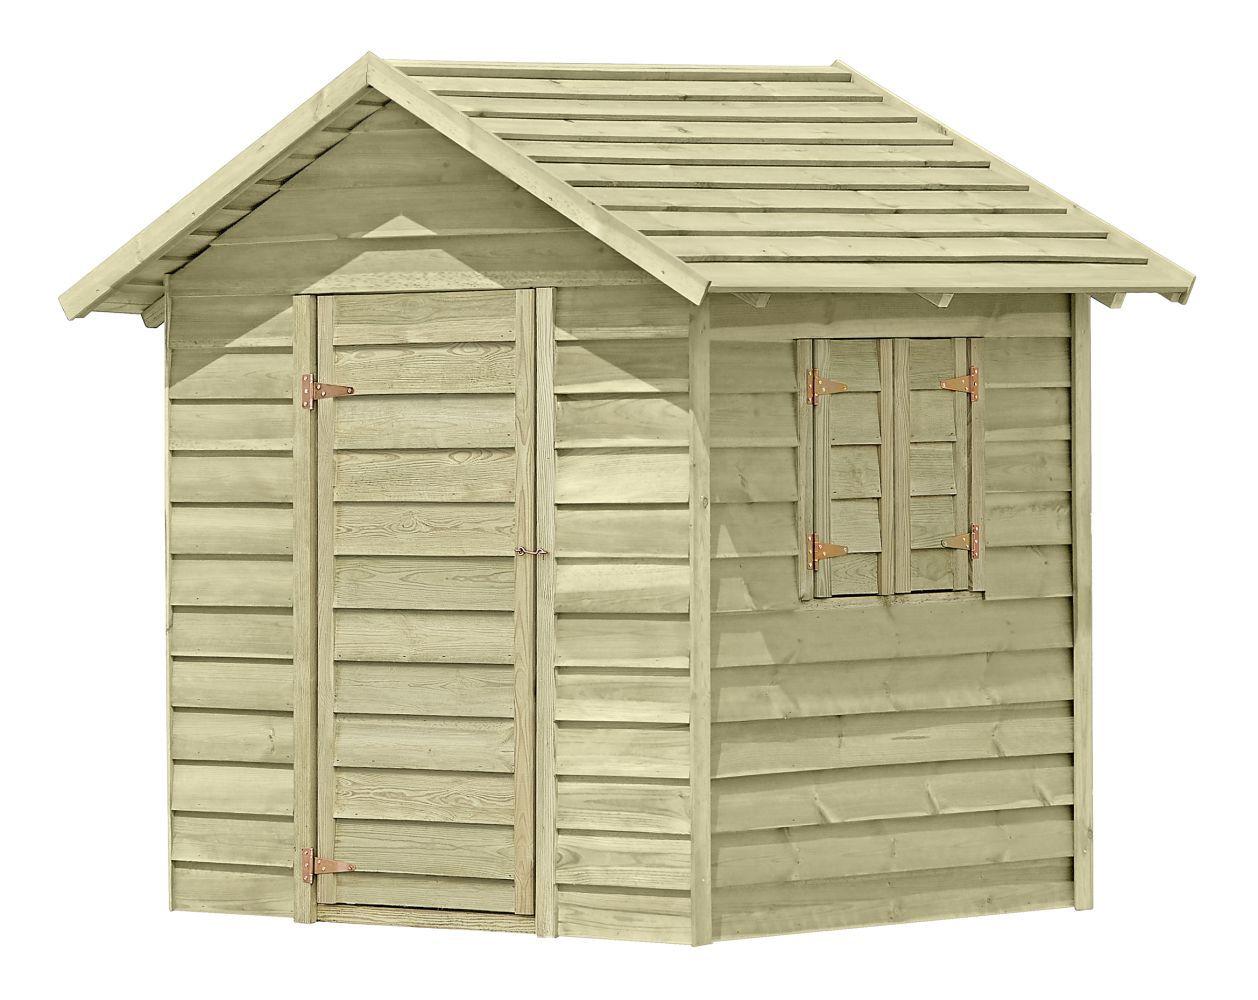 speelhuis/ kindertuinhuisje K45 - Afmetingen: 1,50 x 1,50 meter, FSC®